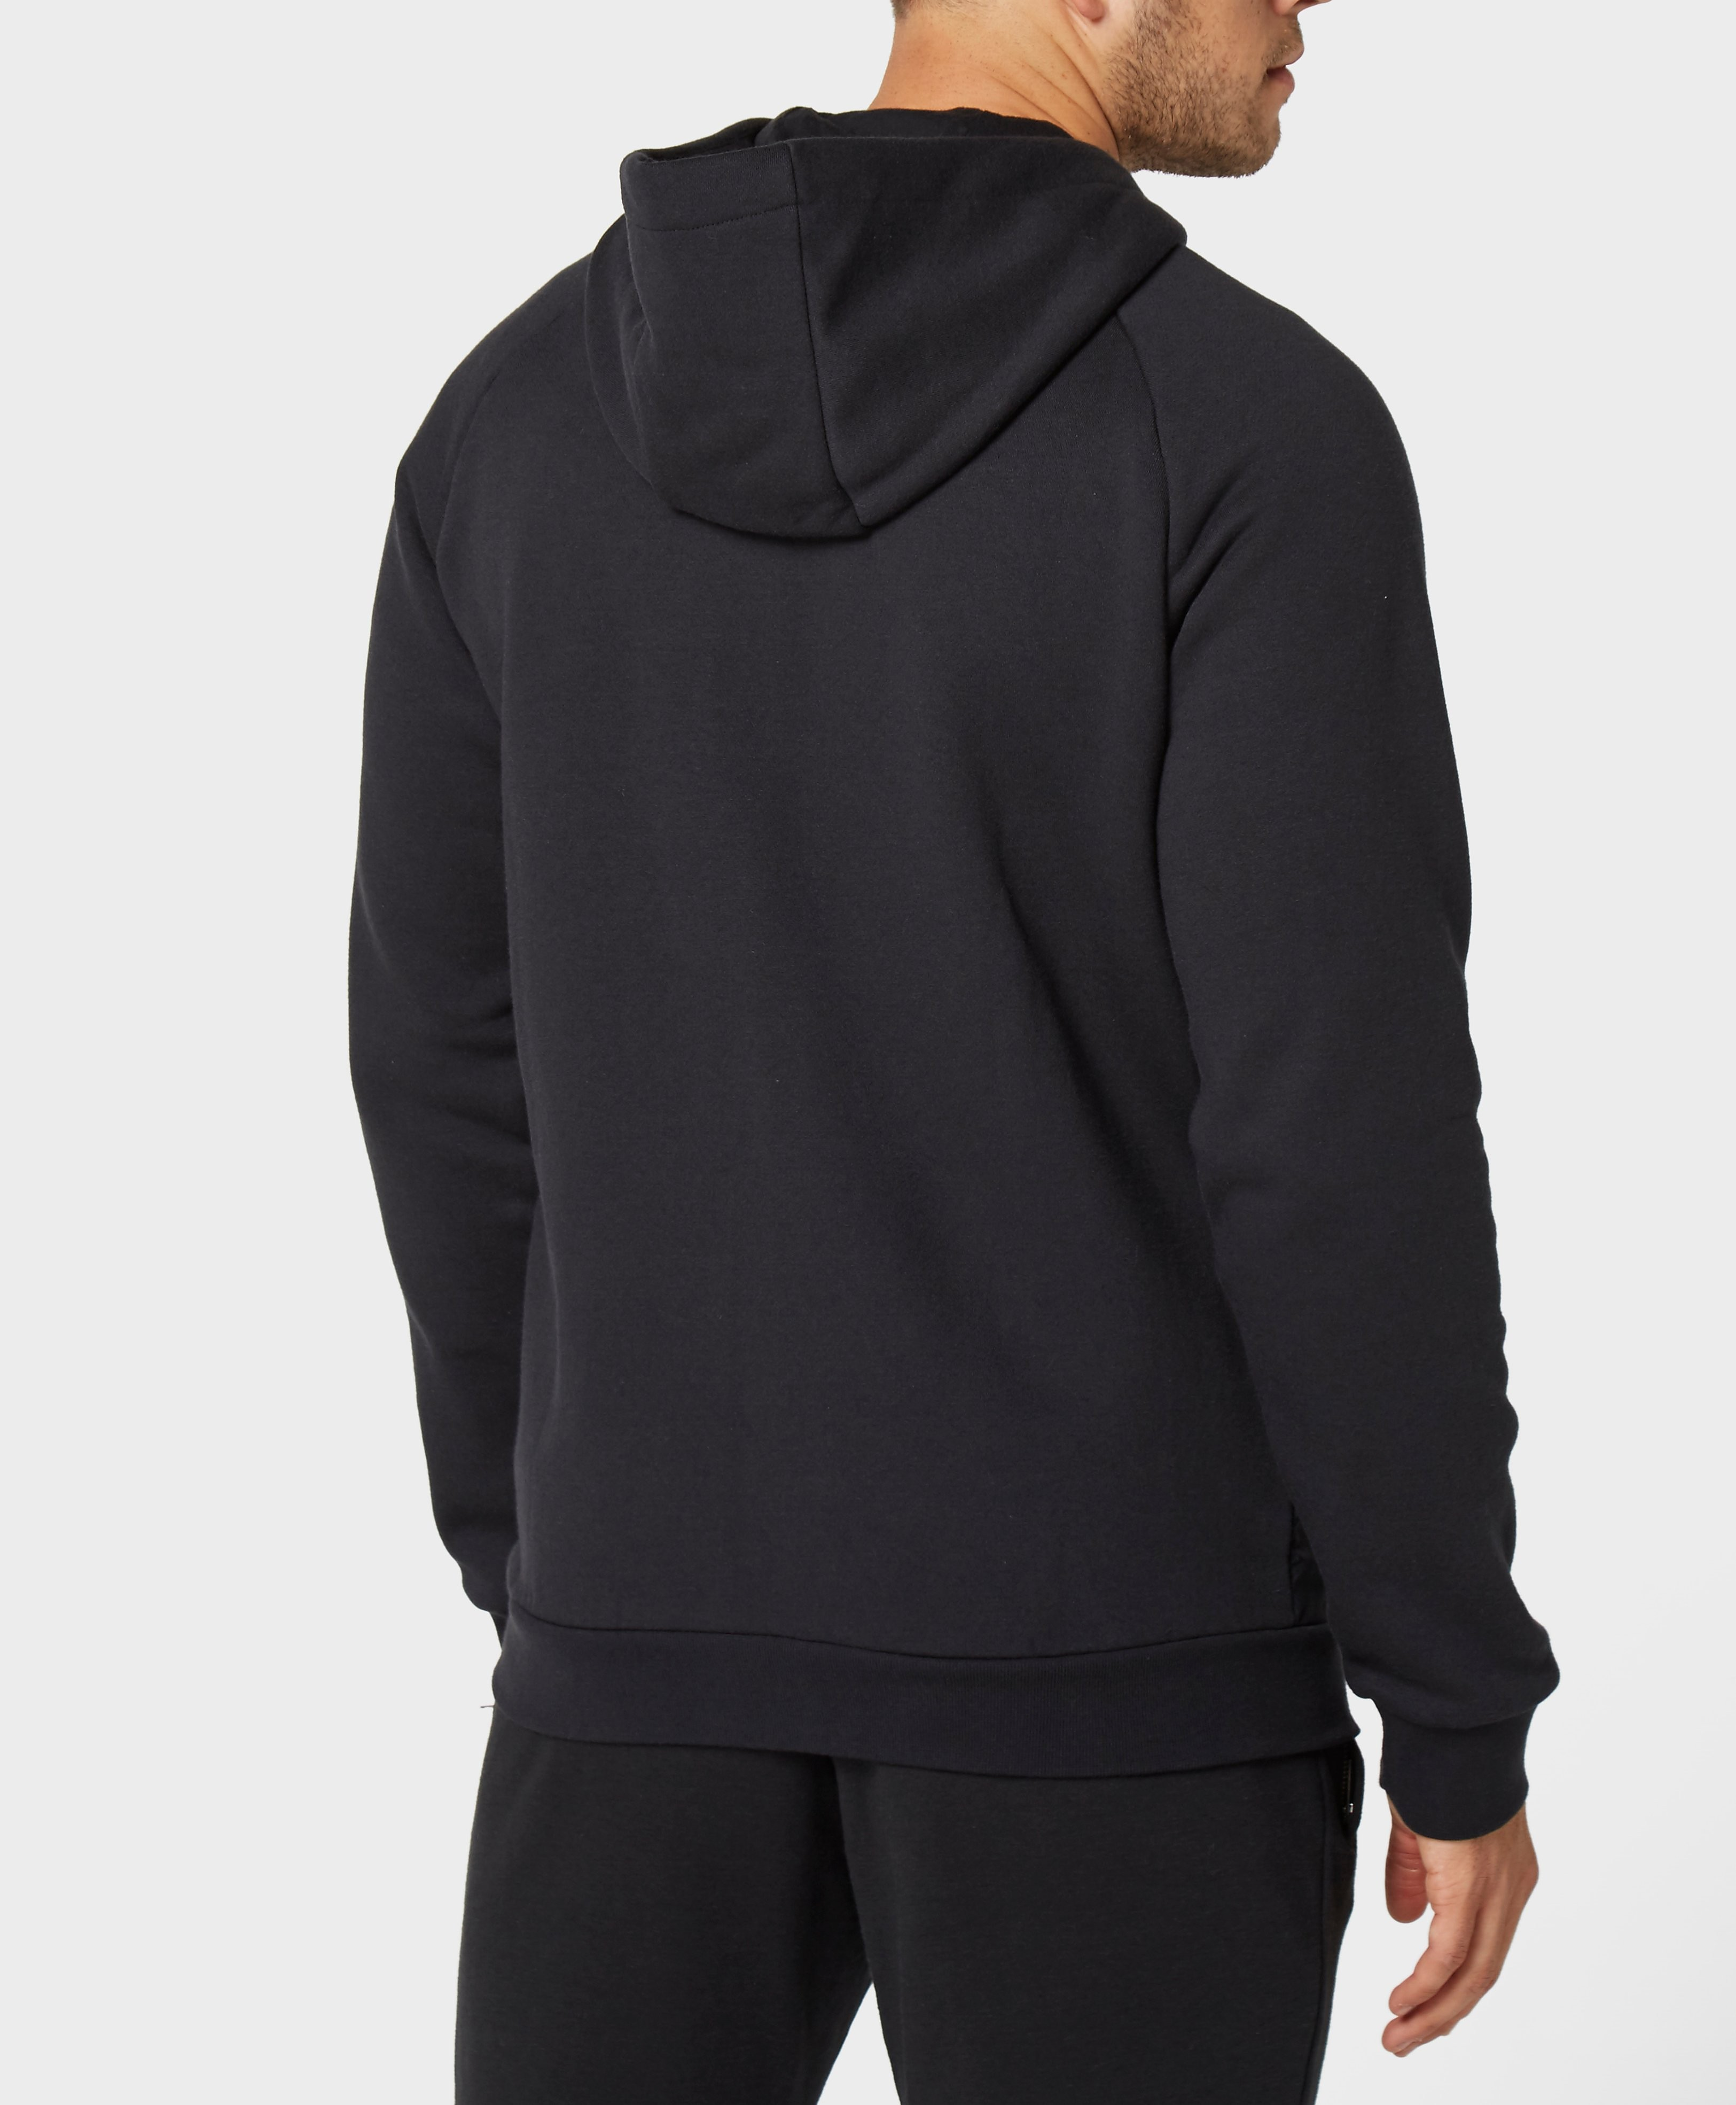 adidas Originals Sport Luxe Full Zip Hoody